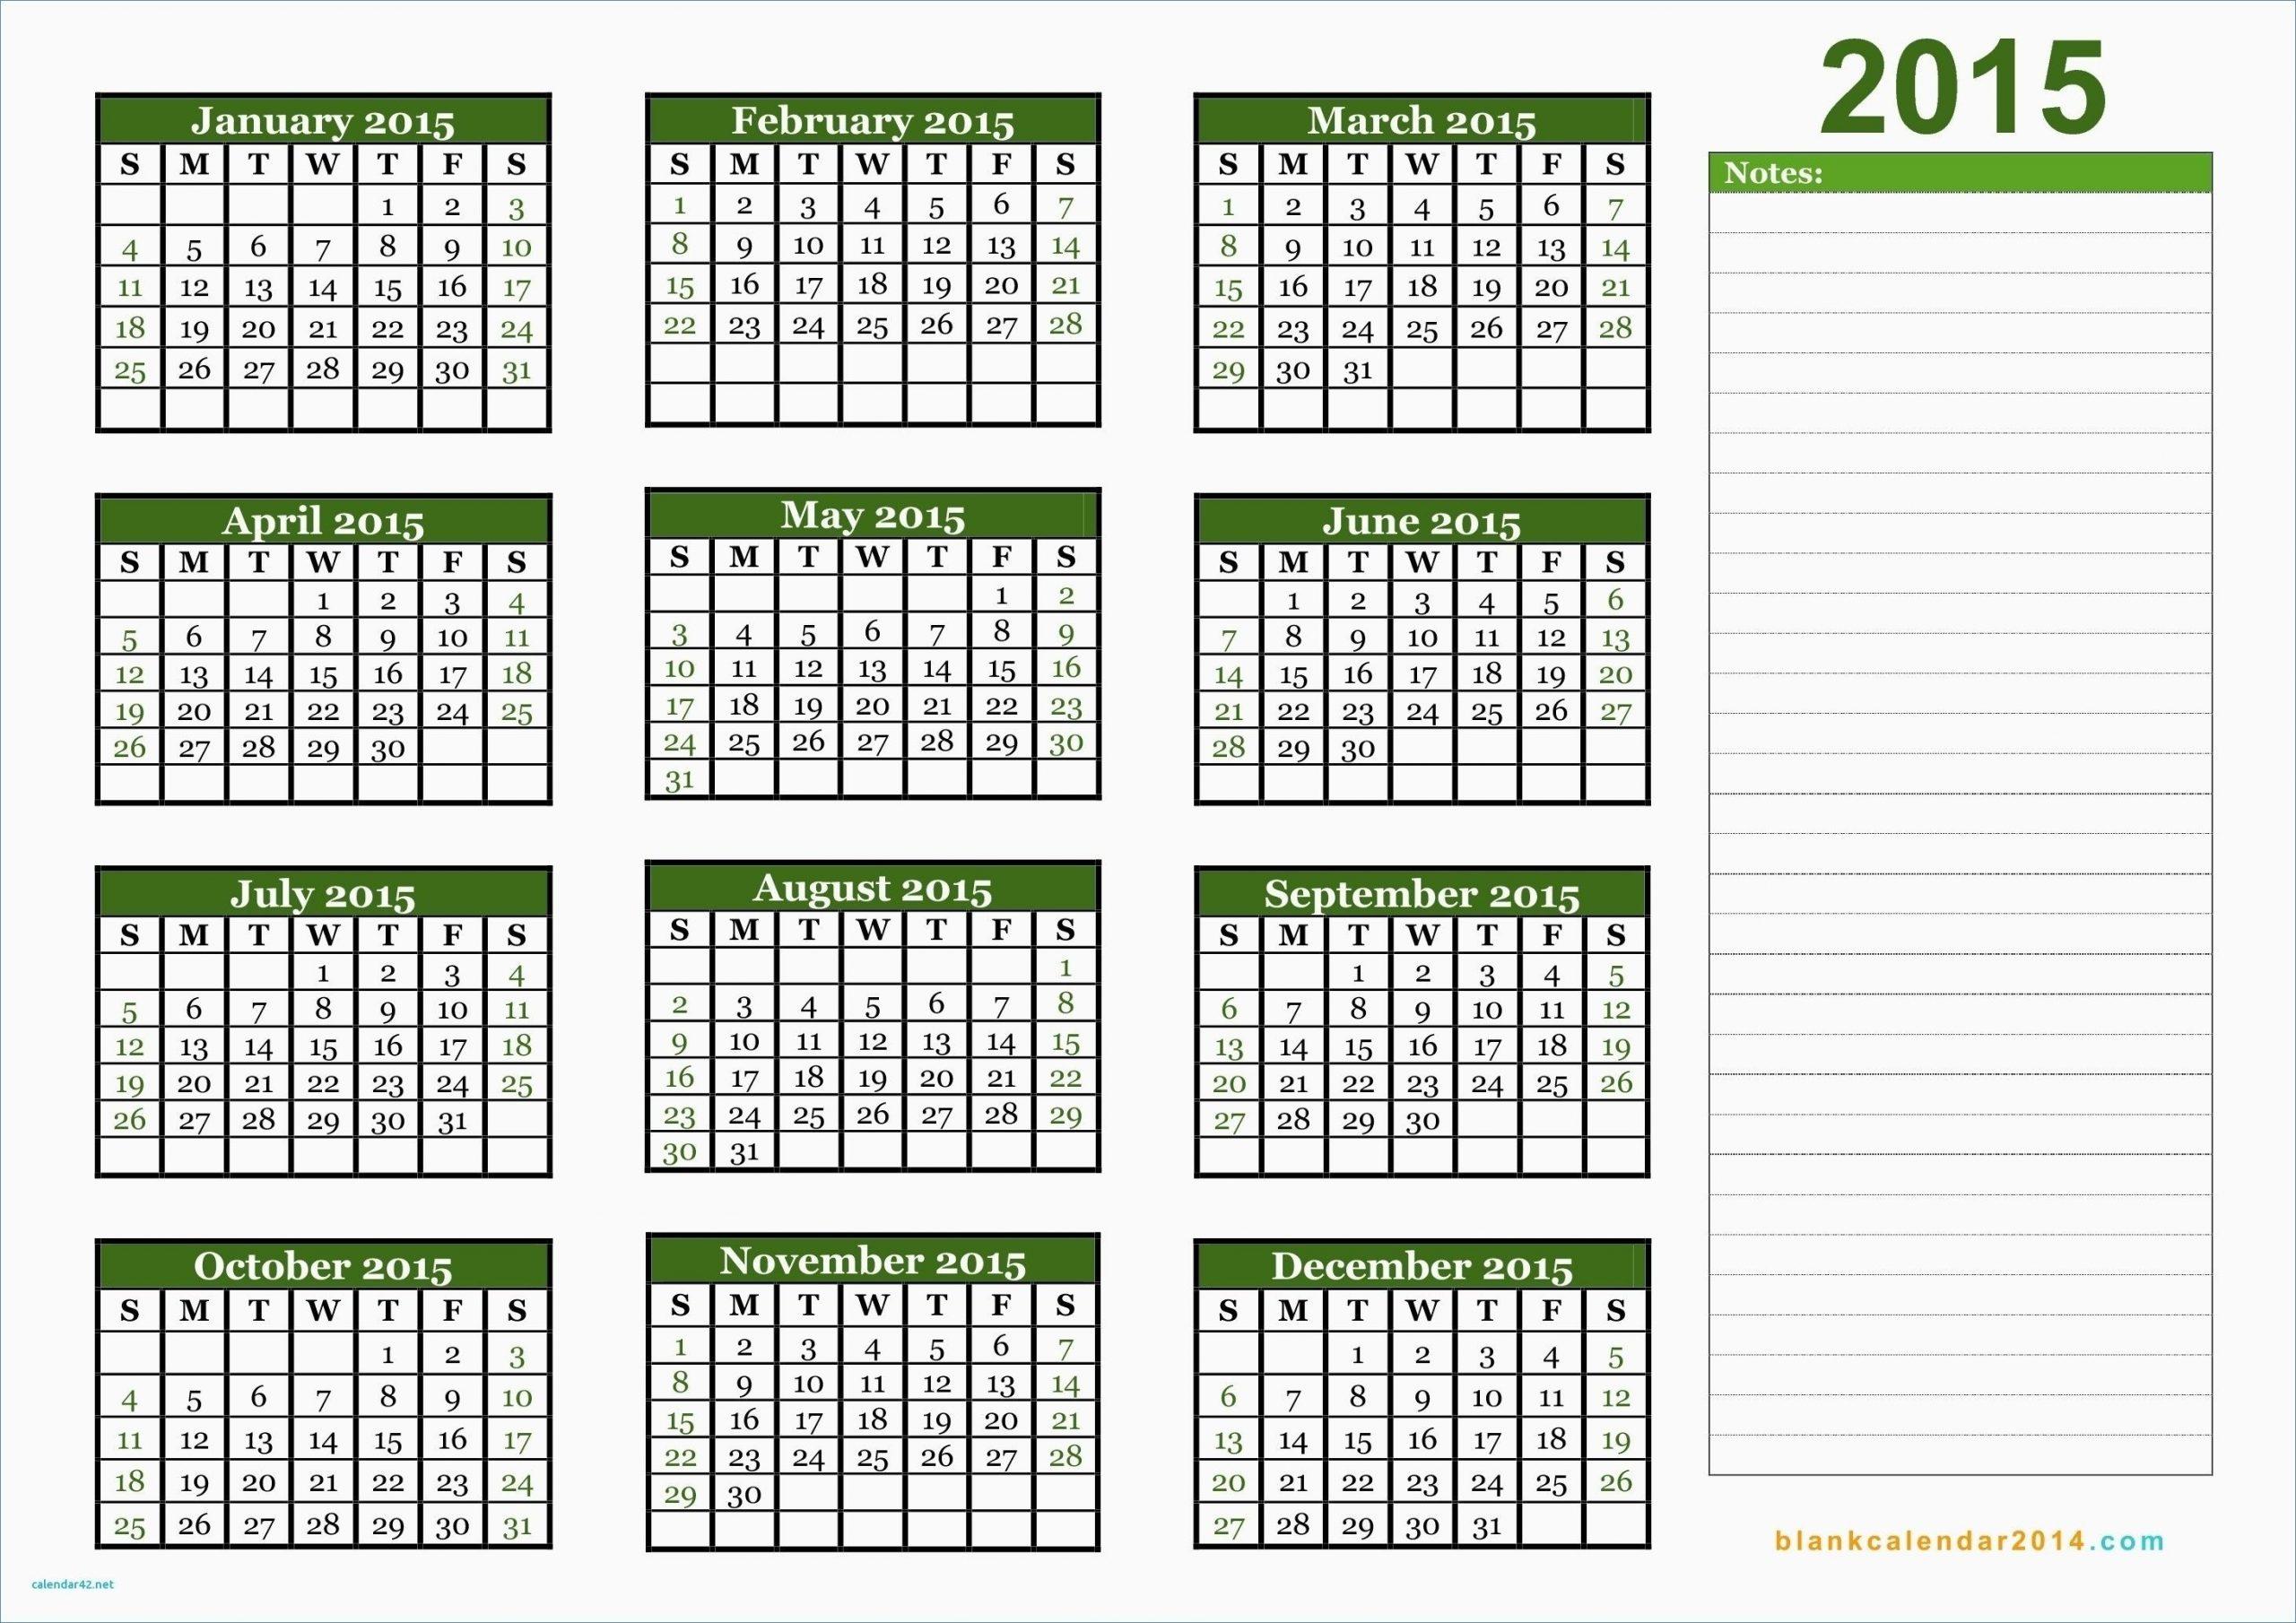 Julian Calendar 2021 Converter | Printable Calendar 2020 2021 Pertaining To Julian Date To Calender Date Conversion Online